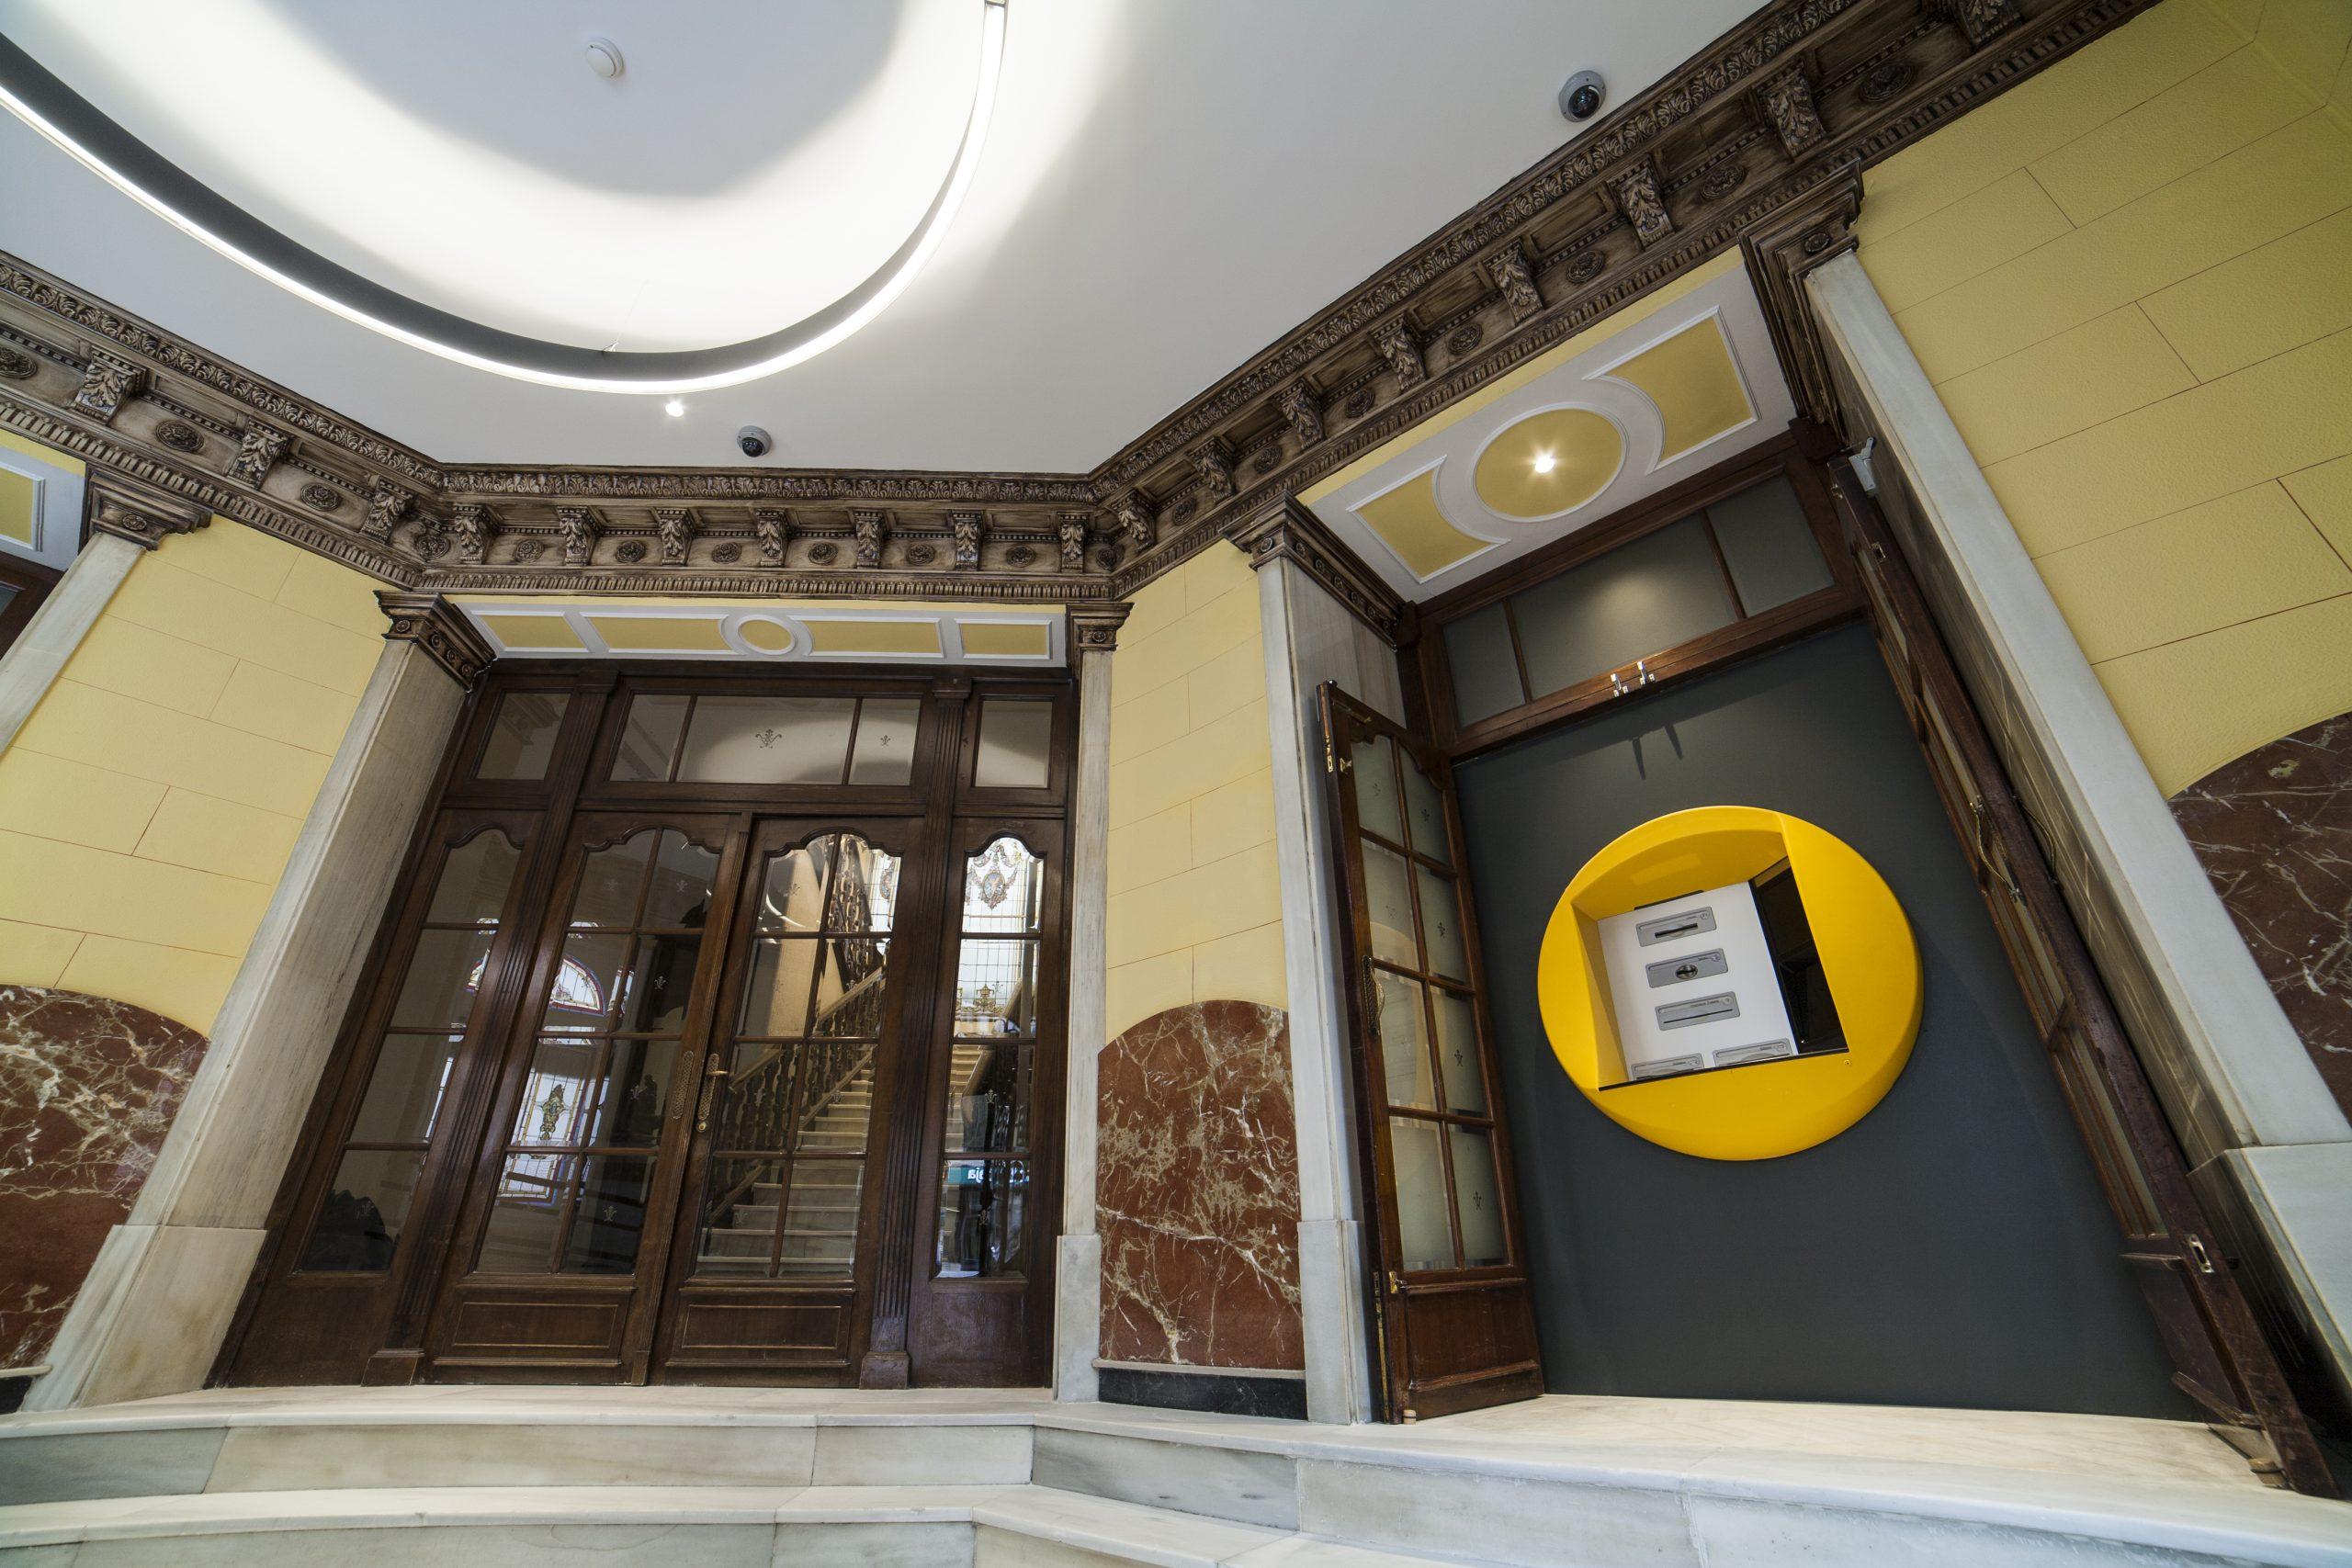 Cajero automático situado en la entrada de un emblemático edificio